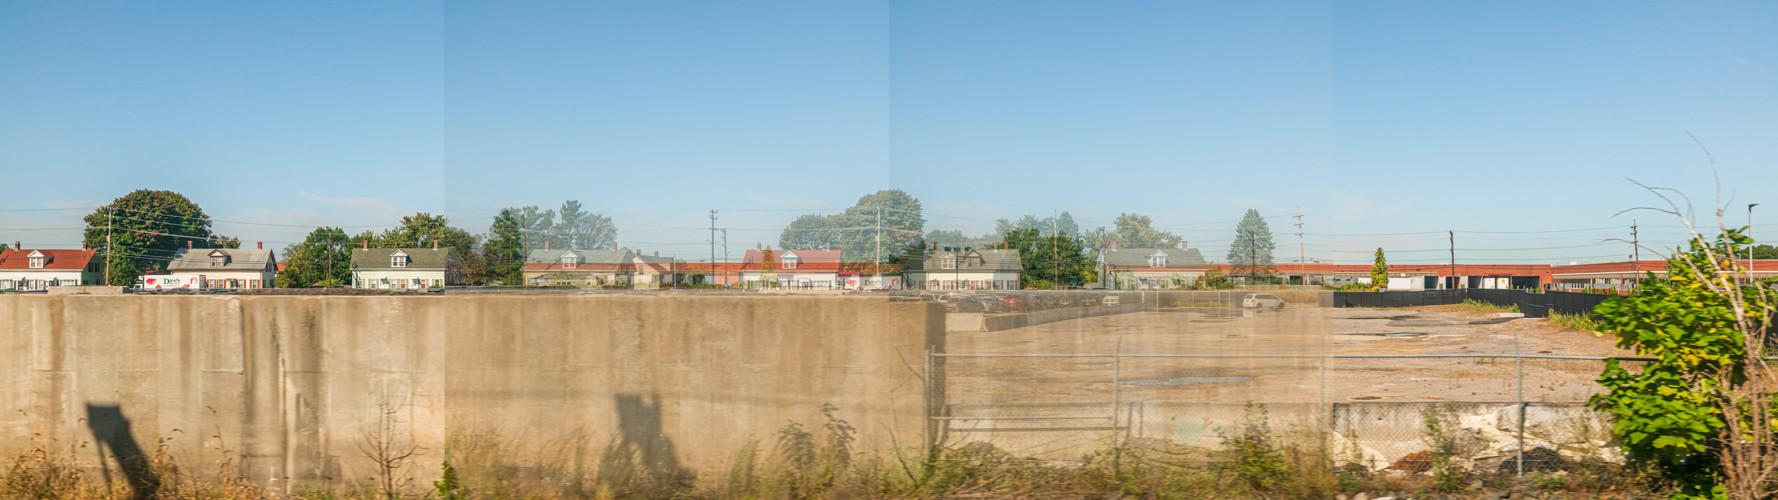 Northbound-4.jpg